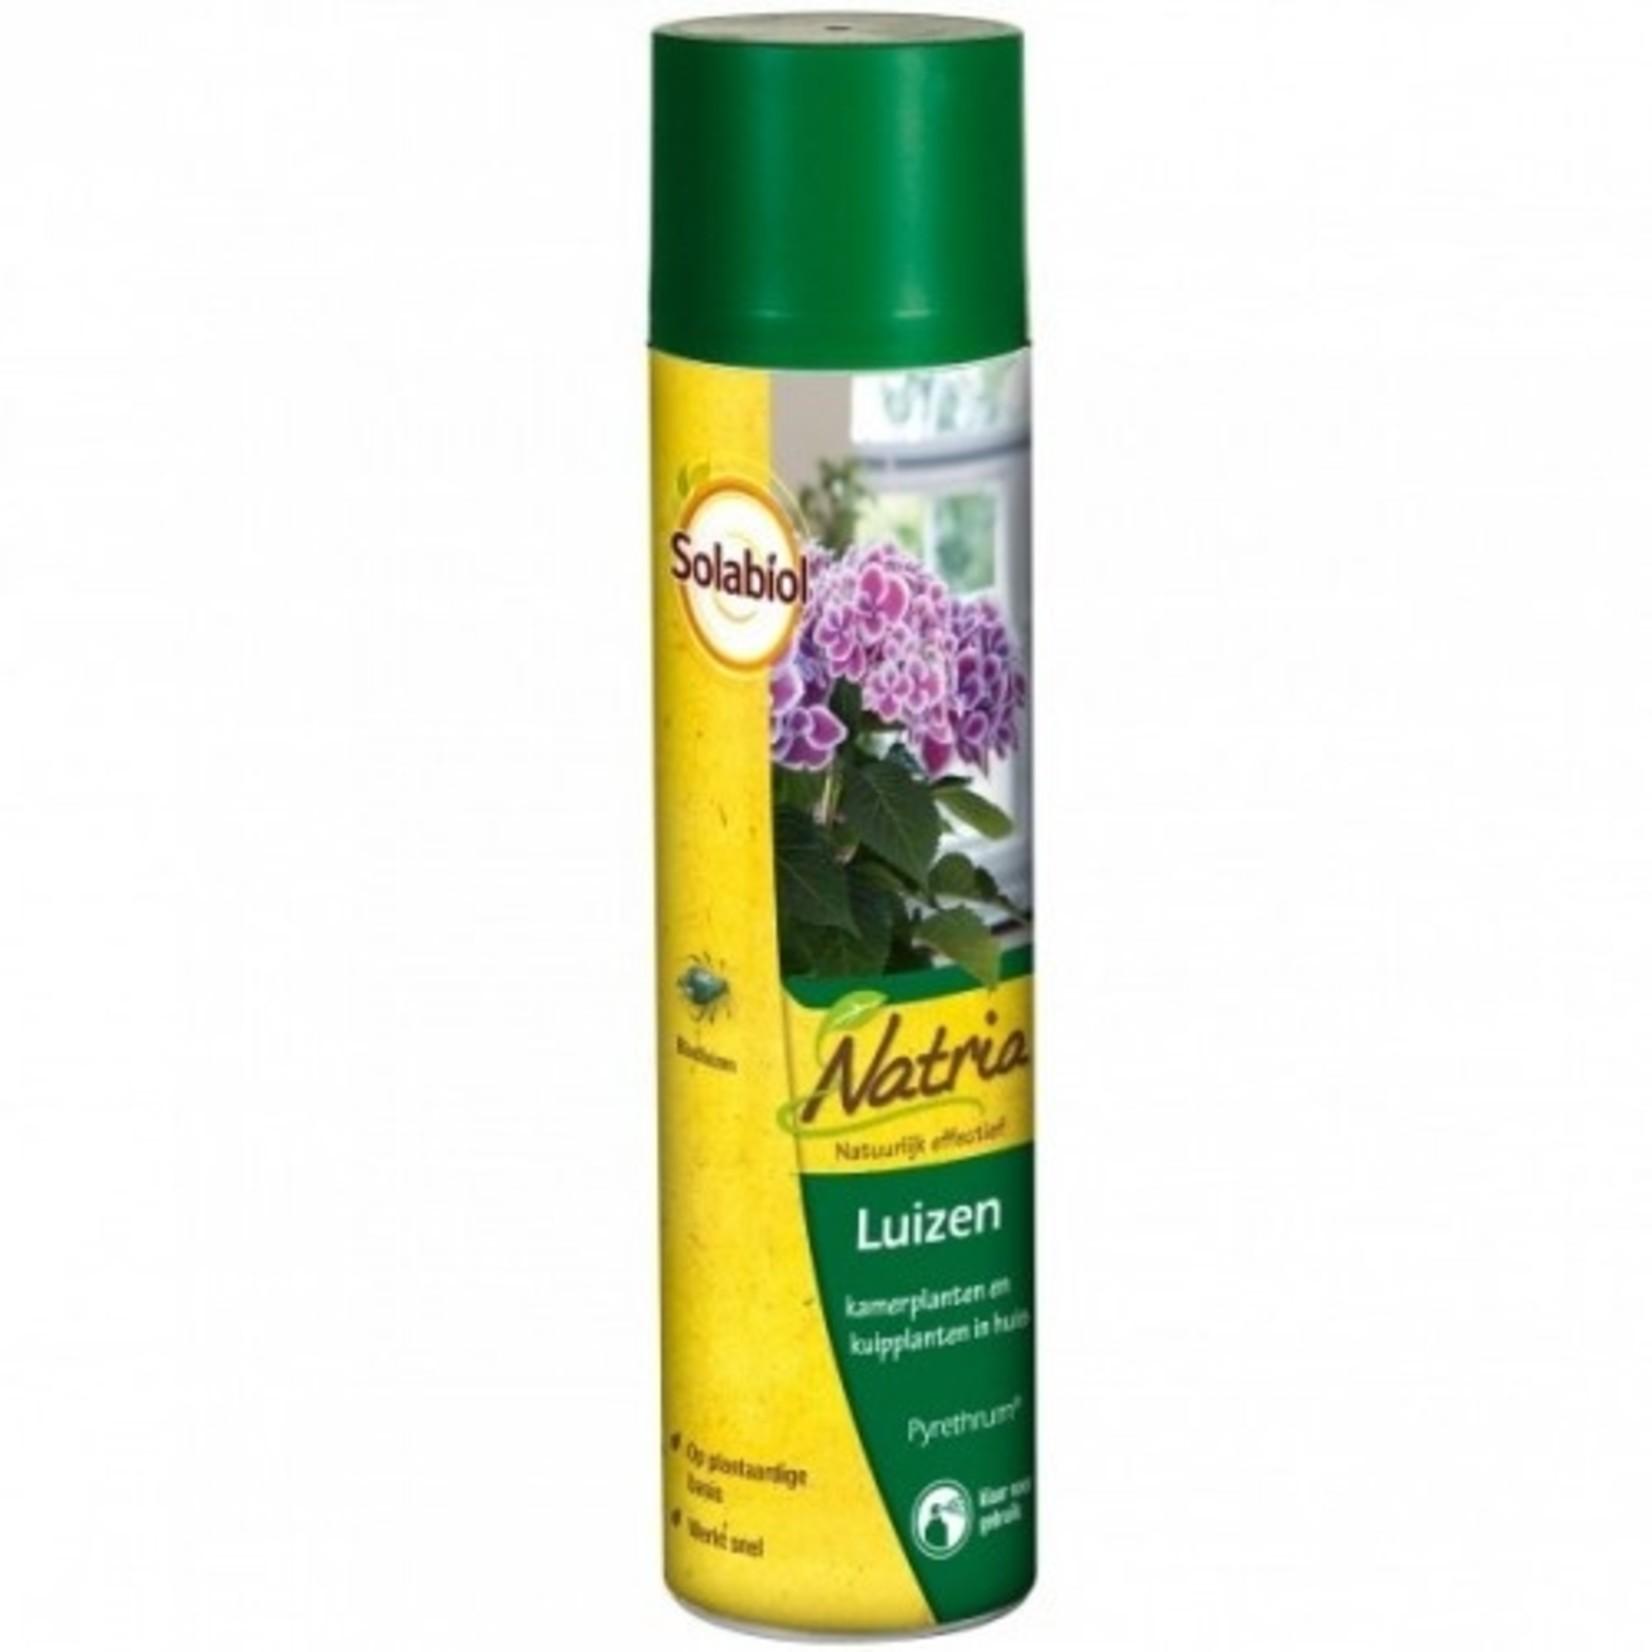 Solabiol Natria Pyrethrum plantenspray tegen insecten 400 ml